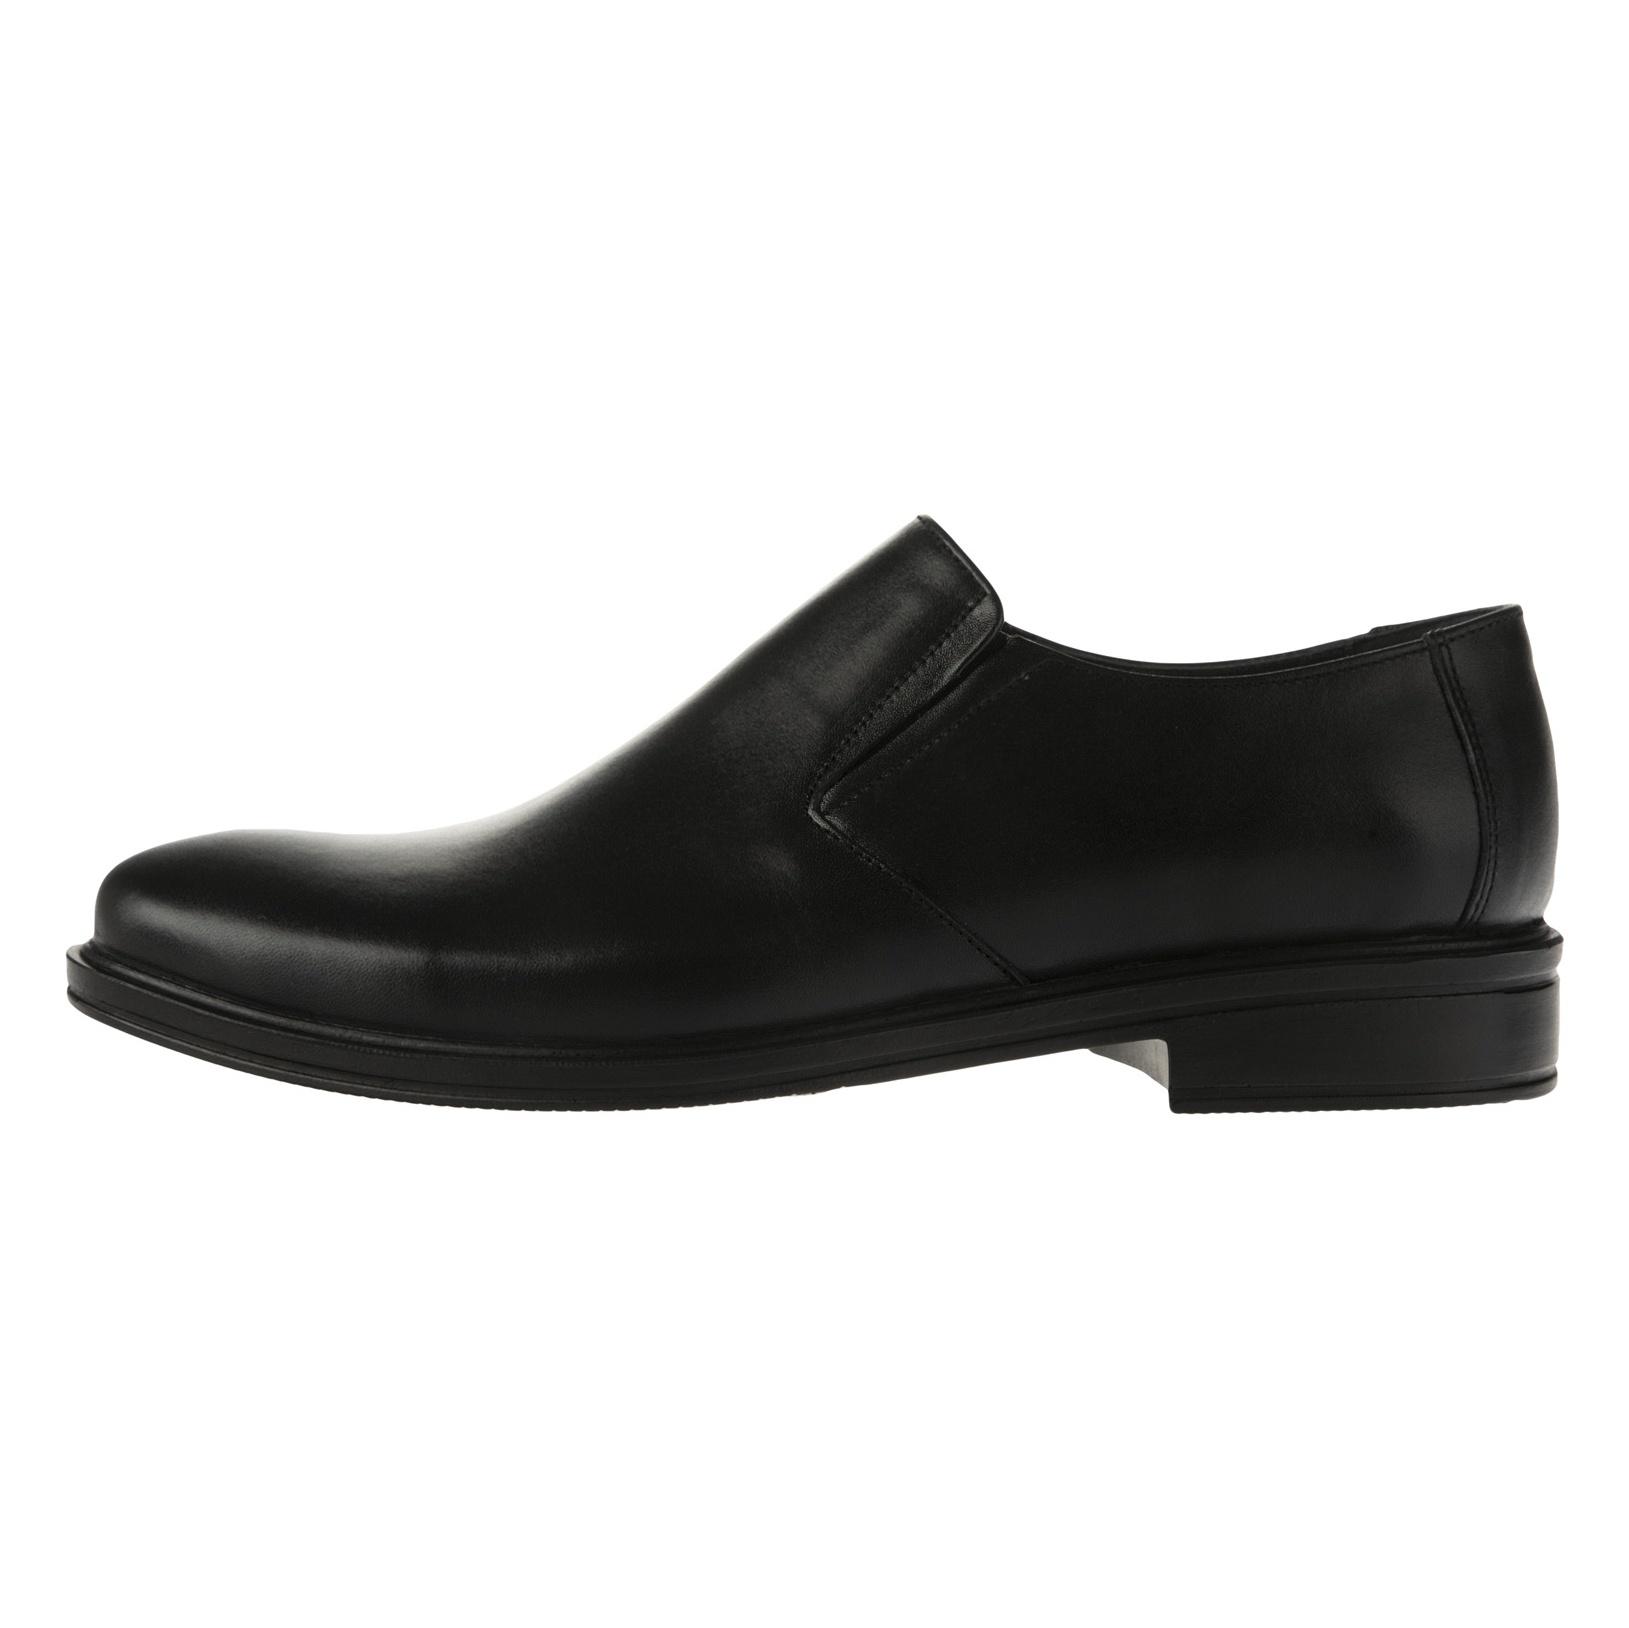 کفش مردانه شیفر مدل 7161B-101 -  - 3